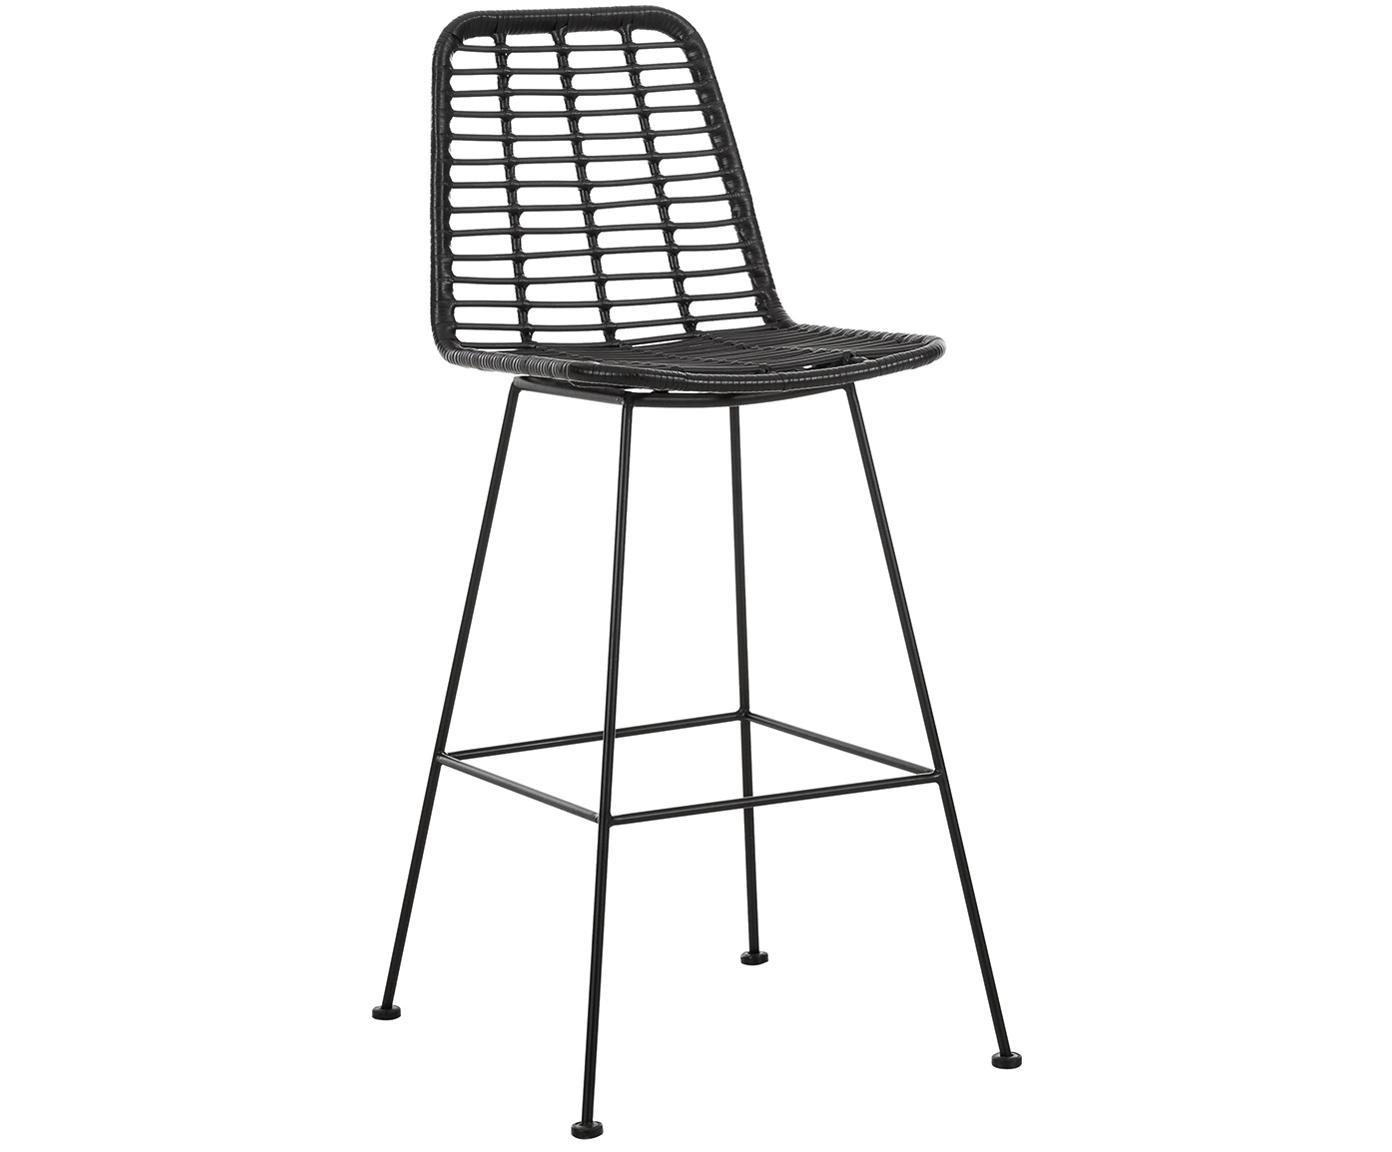 Barstoel Sola, Zitvlak: polyethyleen-vlechtwerk, Frame: gepoedercoat metaal, Zwart, 56 x 98 cm